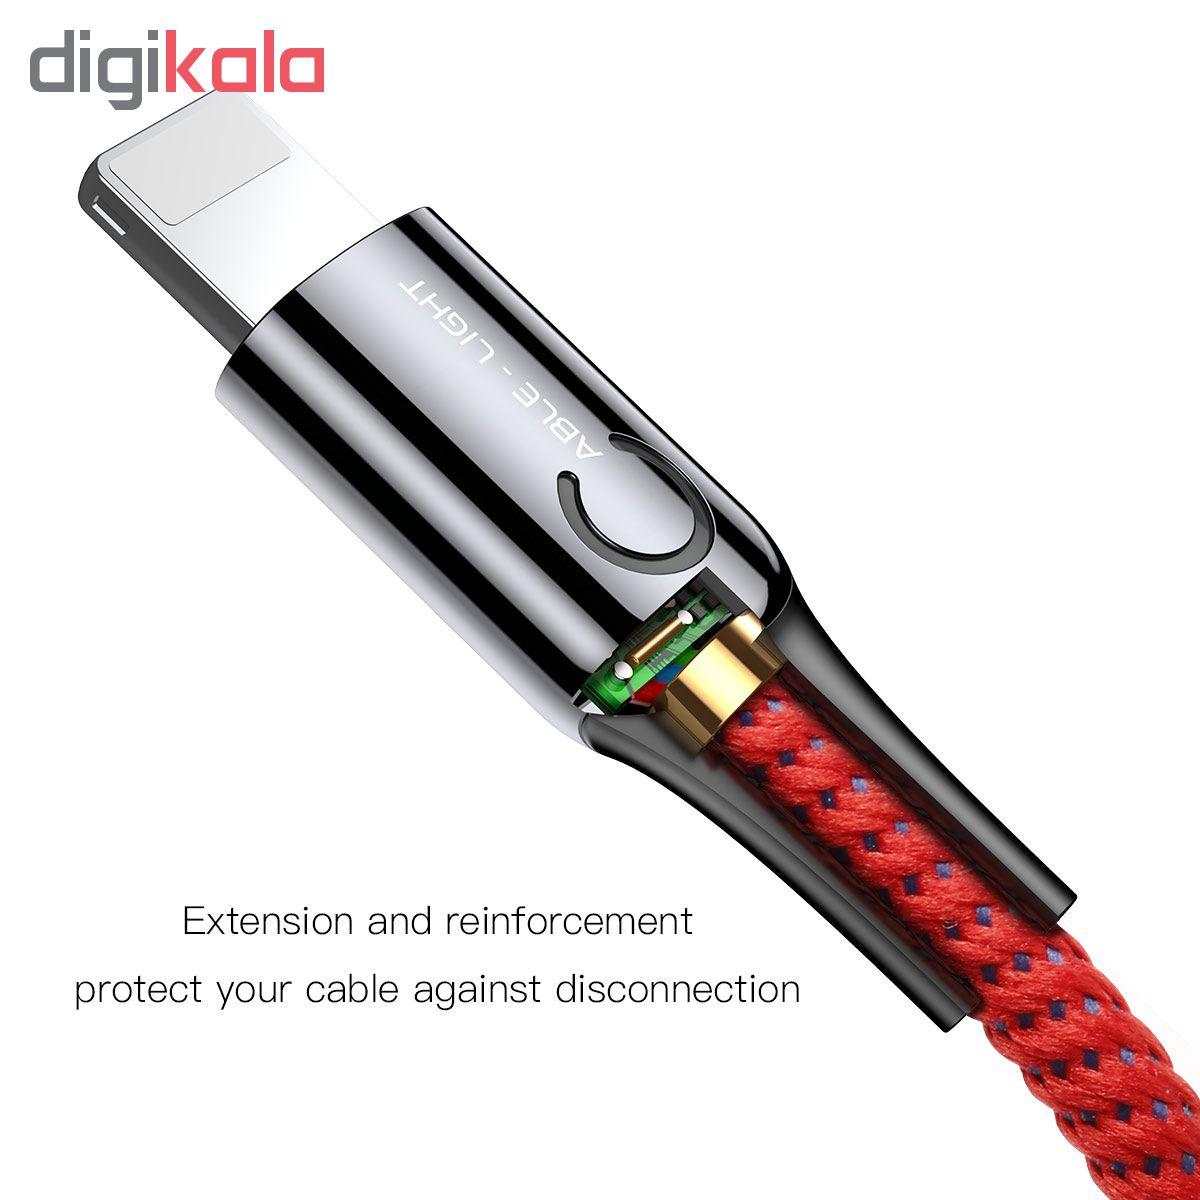 کابل تبدیل USB به لایتنینگ باسئوس مدل CALCD-01 طول 1 متر main 1 14